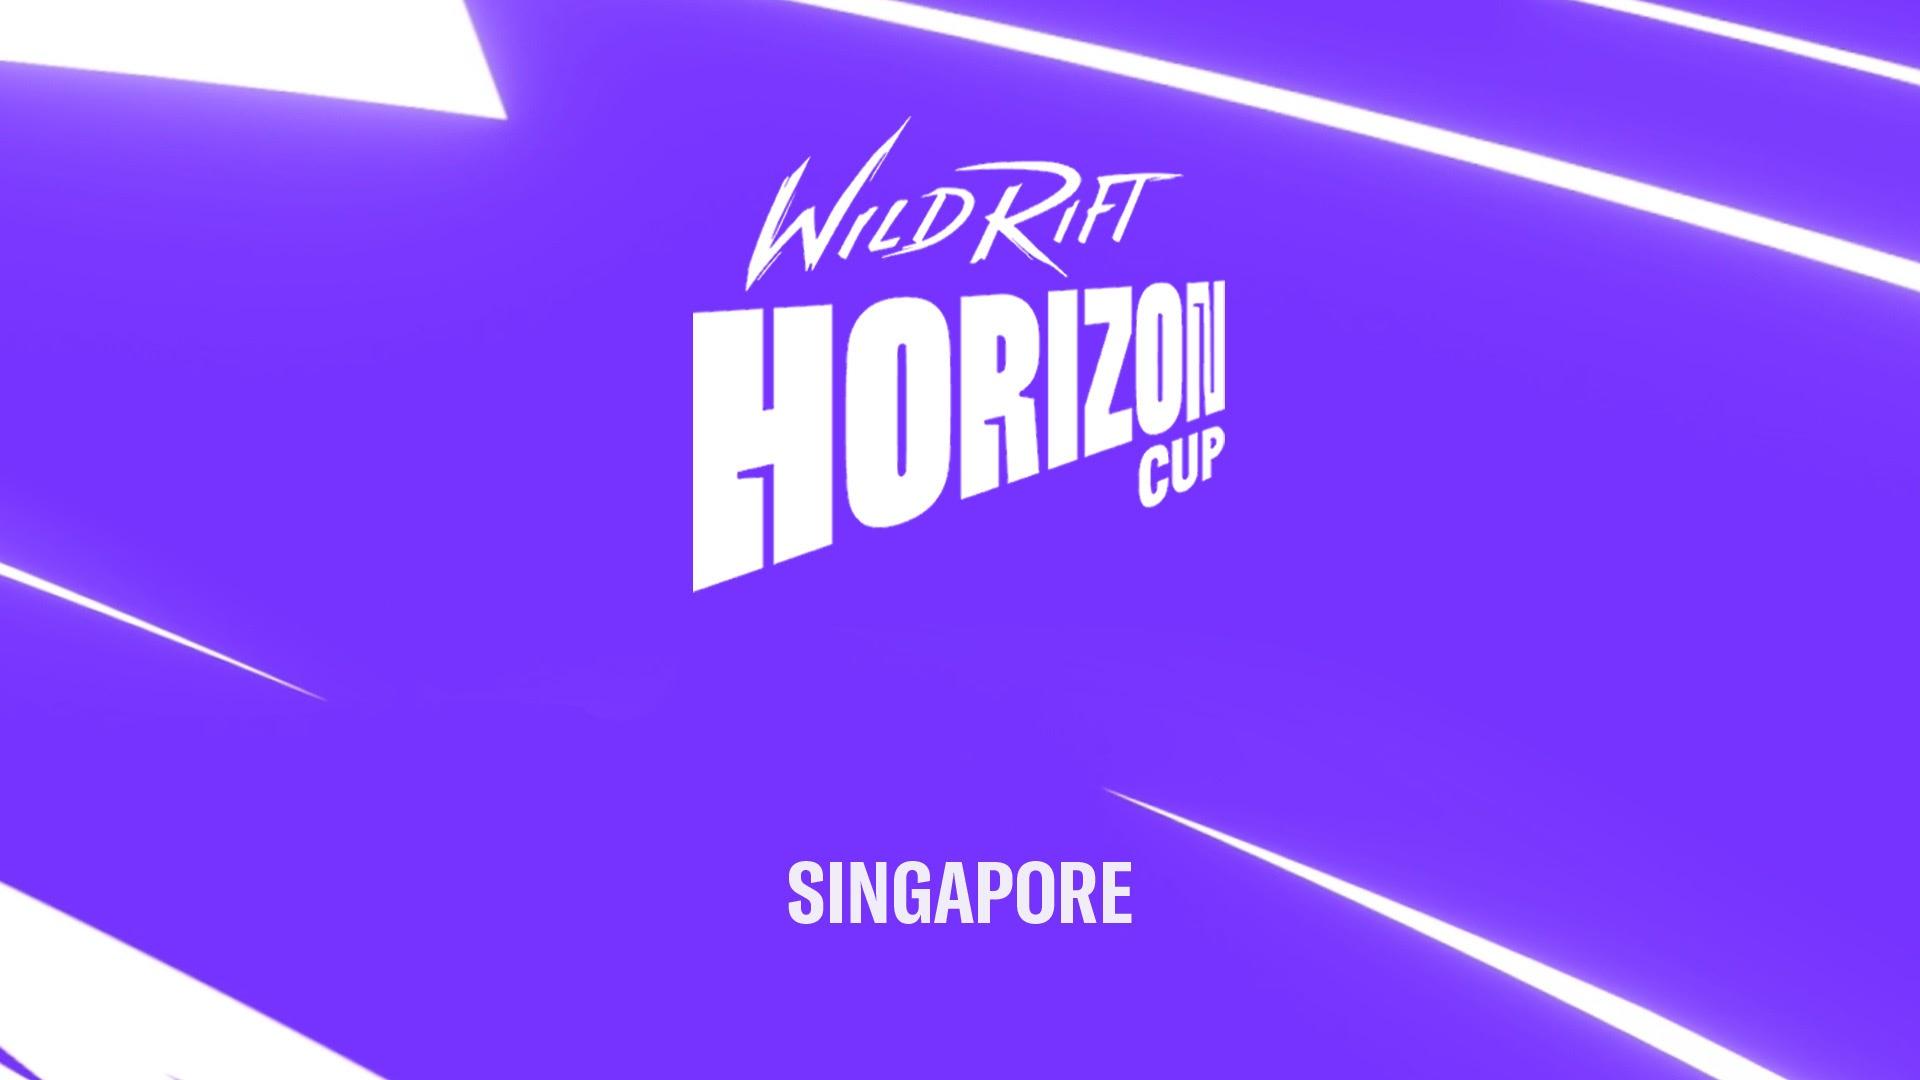 Foto de Riot Games presenta la Wild Rift: Horizon Cup